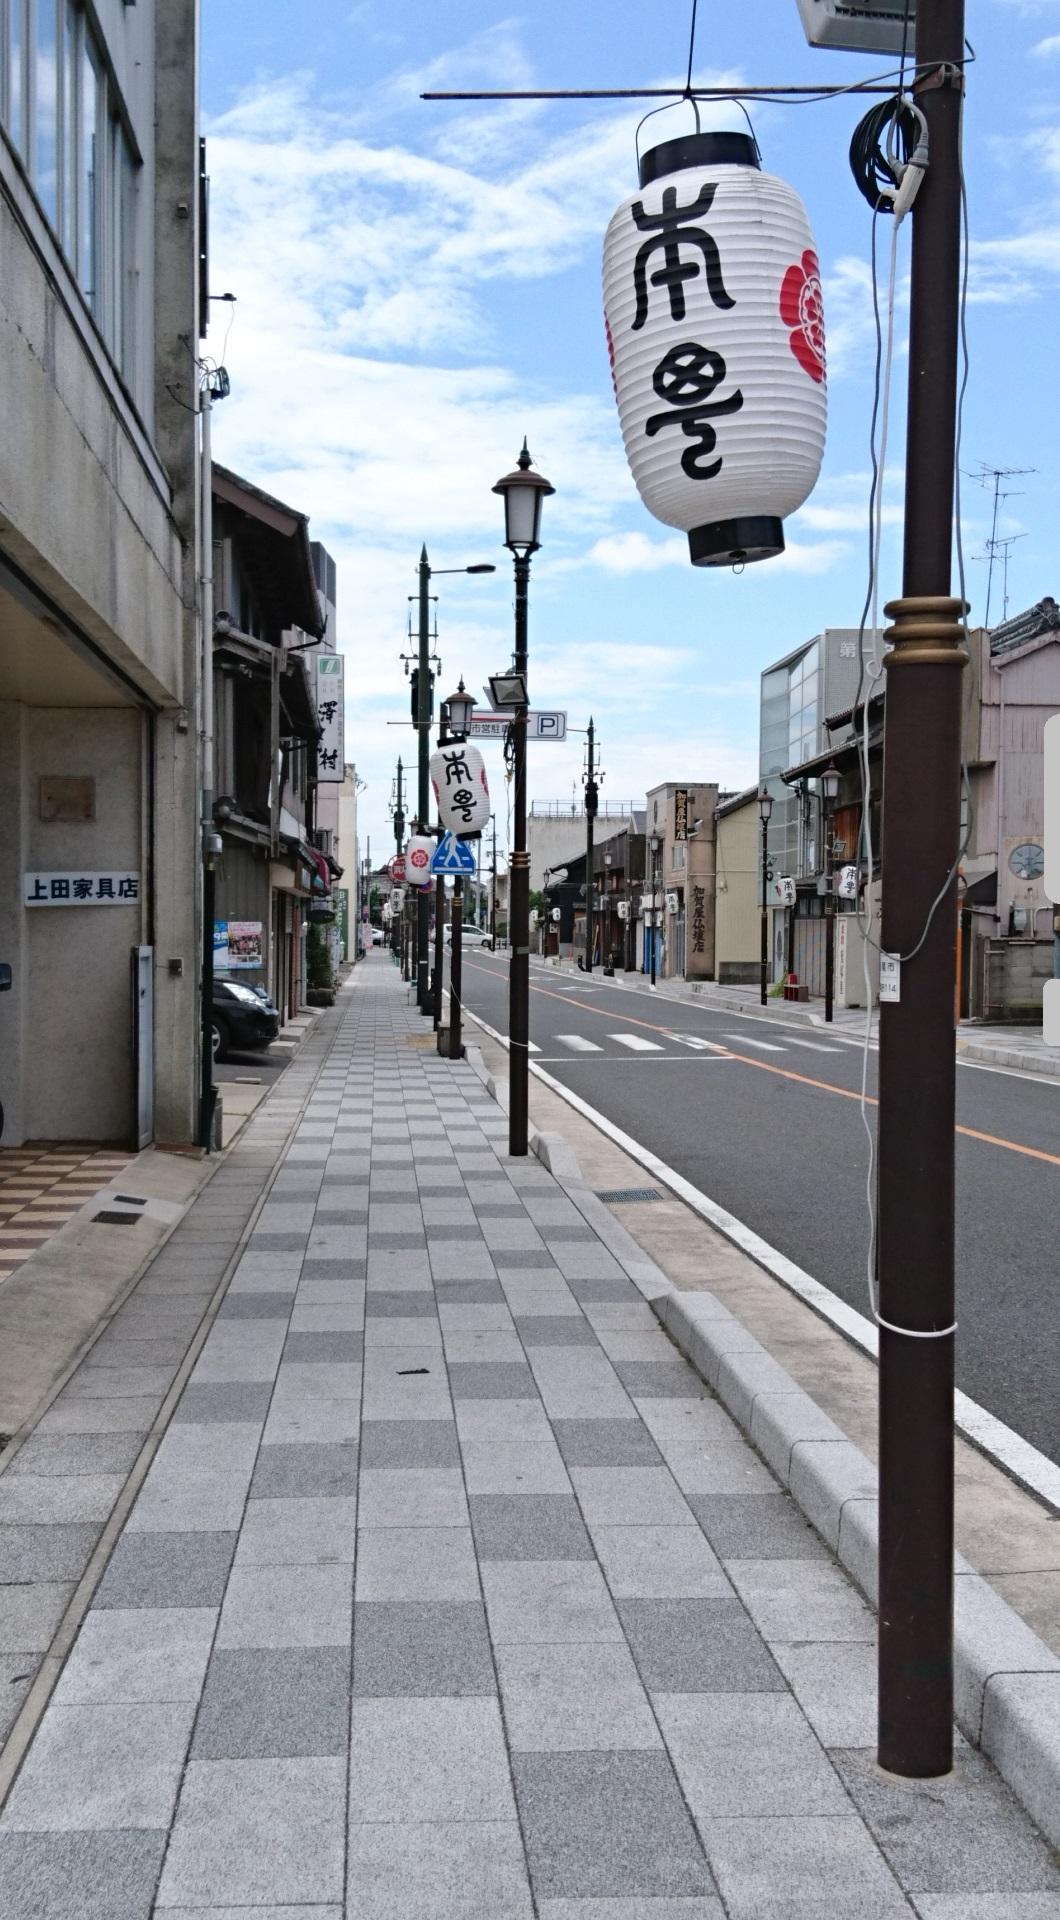 2017.7.21 西尾 (9) 本町どおり 1060-1920